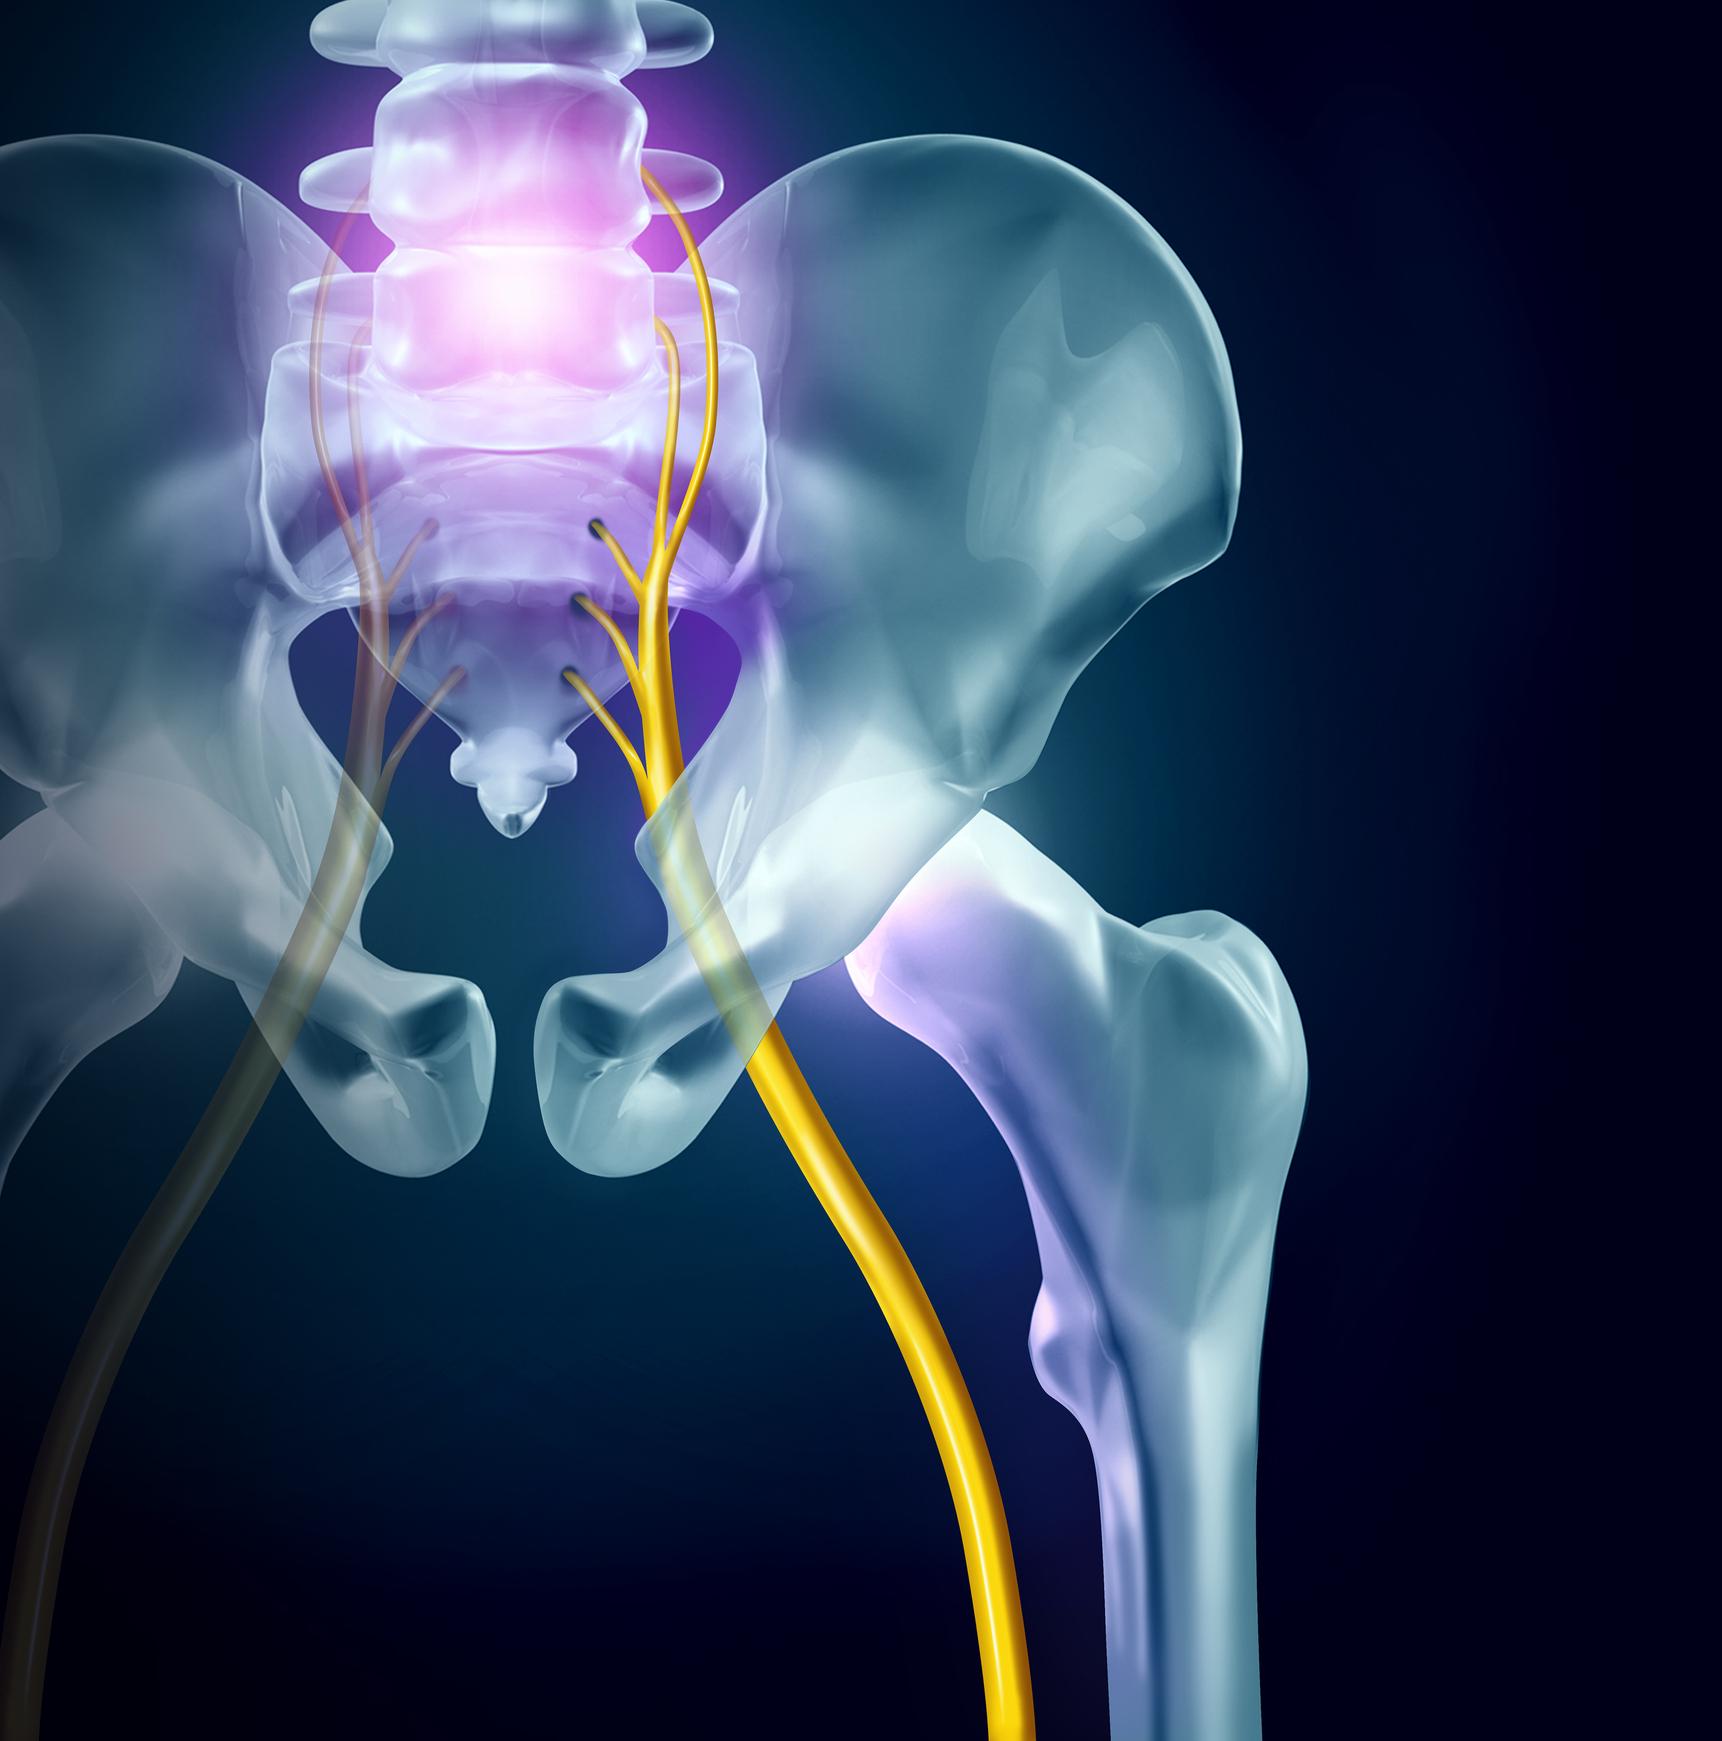 Scottsdale Chiropractor Scottsdale Chiropractic Acupuncture :: Sciatica - Nerve Pain